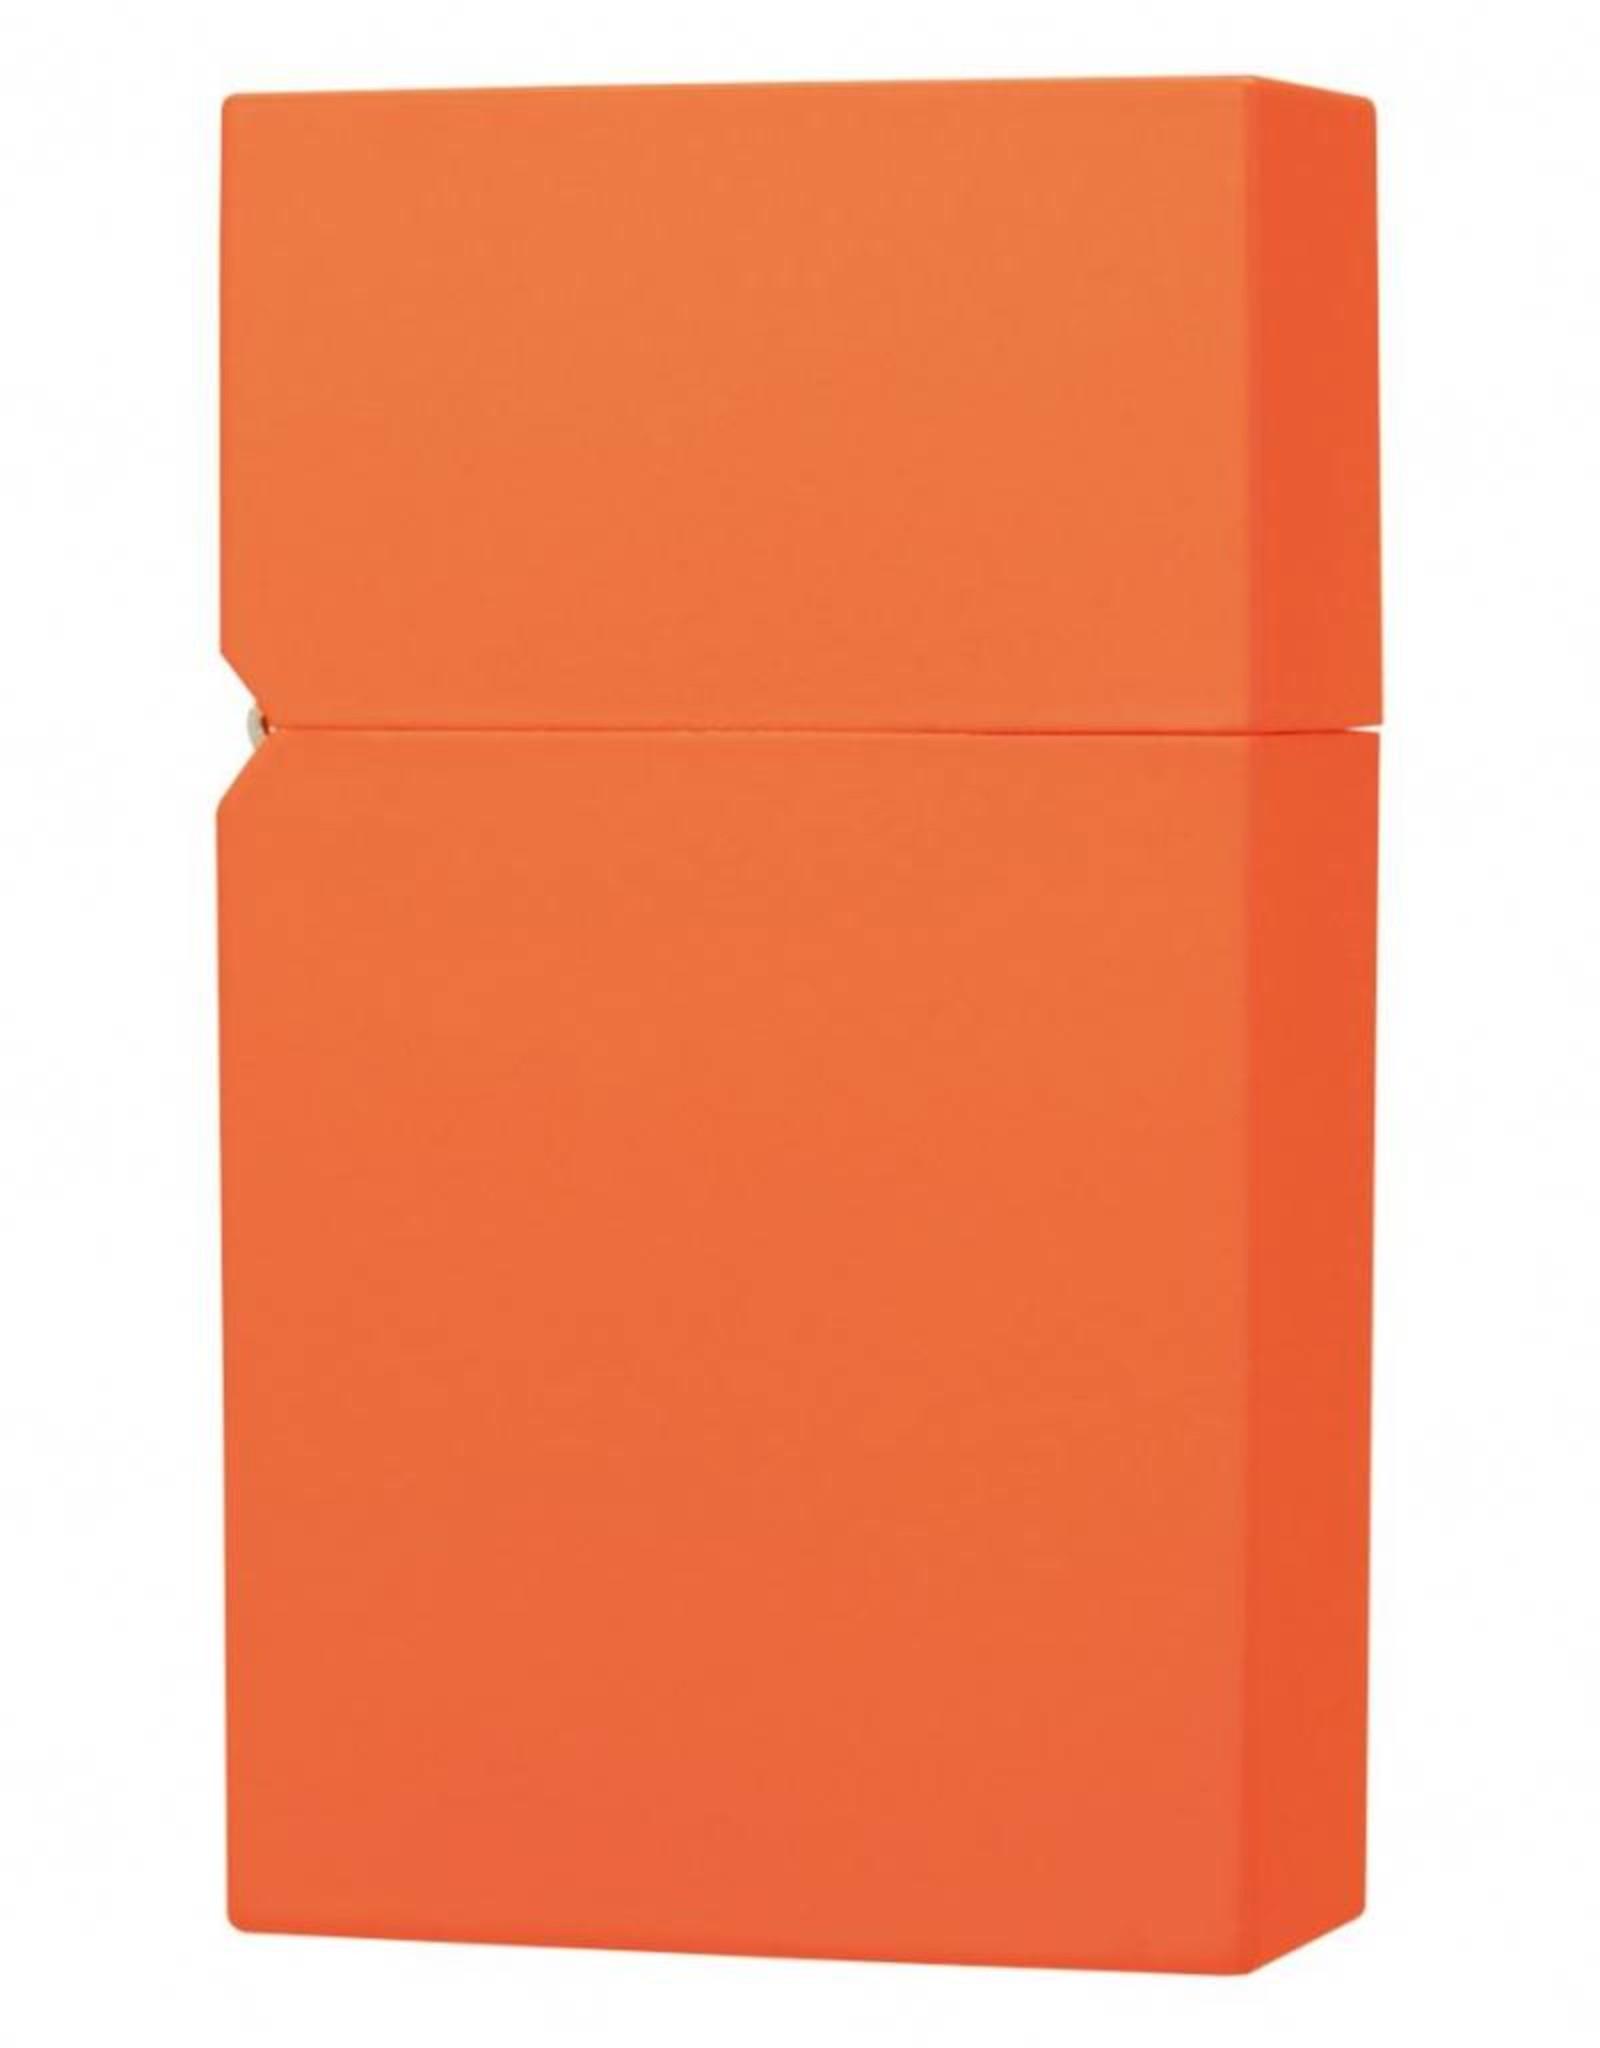 Tsubota Pearl Lighter Colour Orange